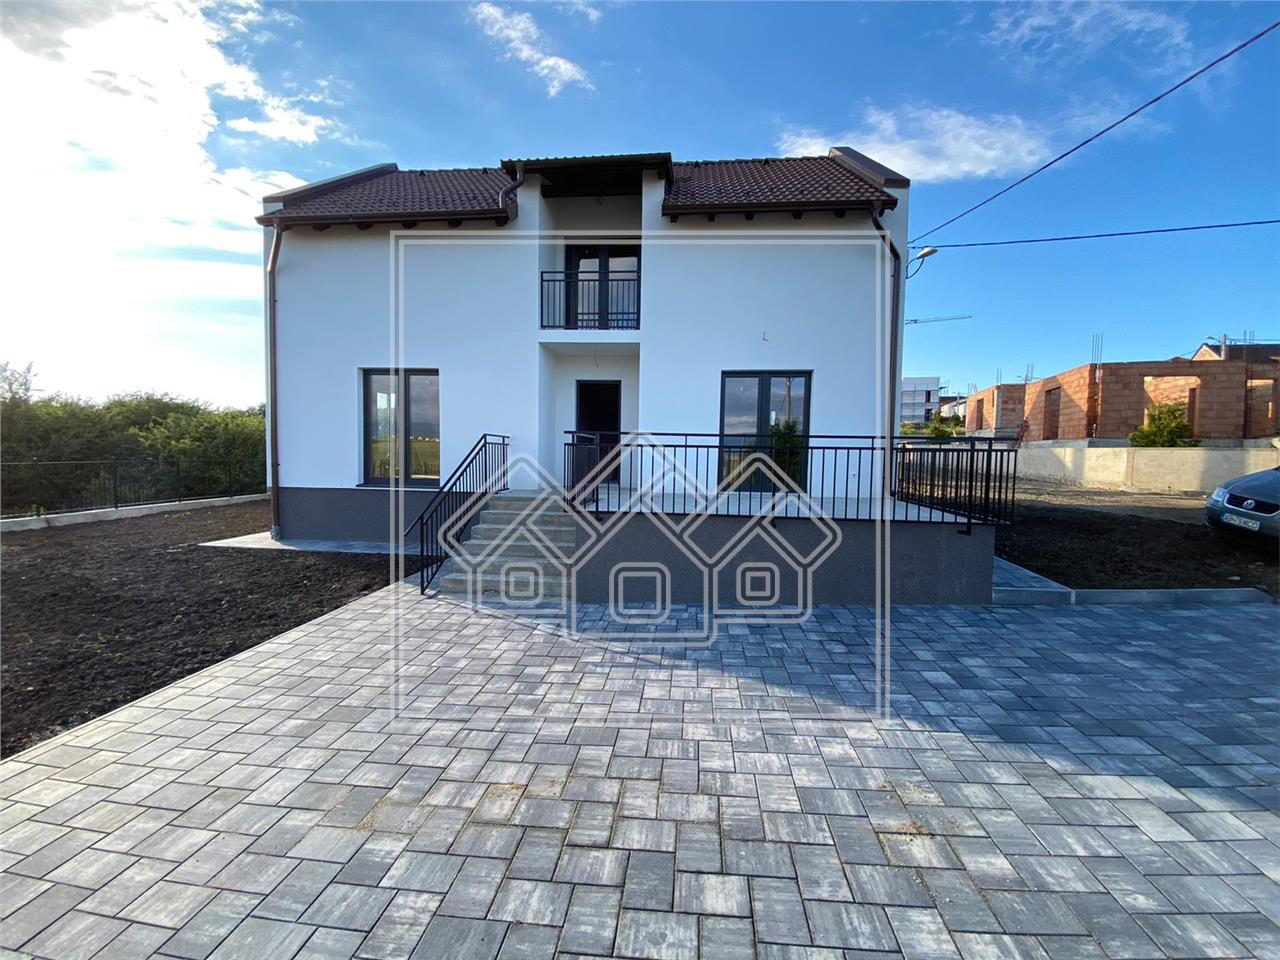 Casa de vanzare in Sibiu - INTABULATA - cartier exclusiv de case